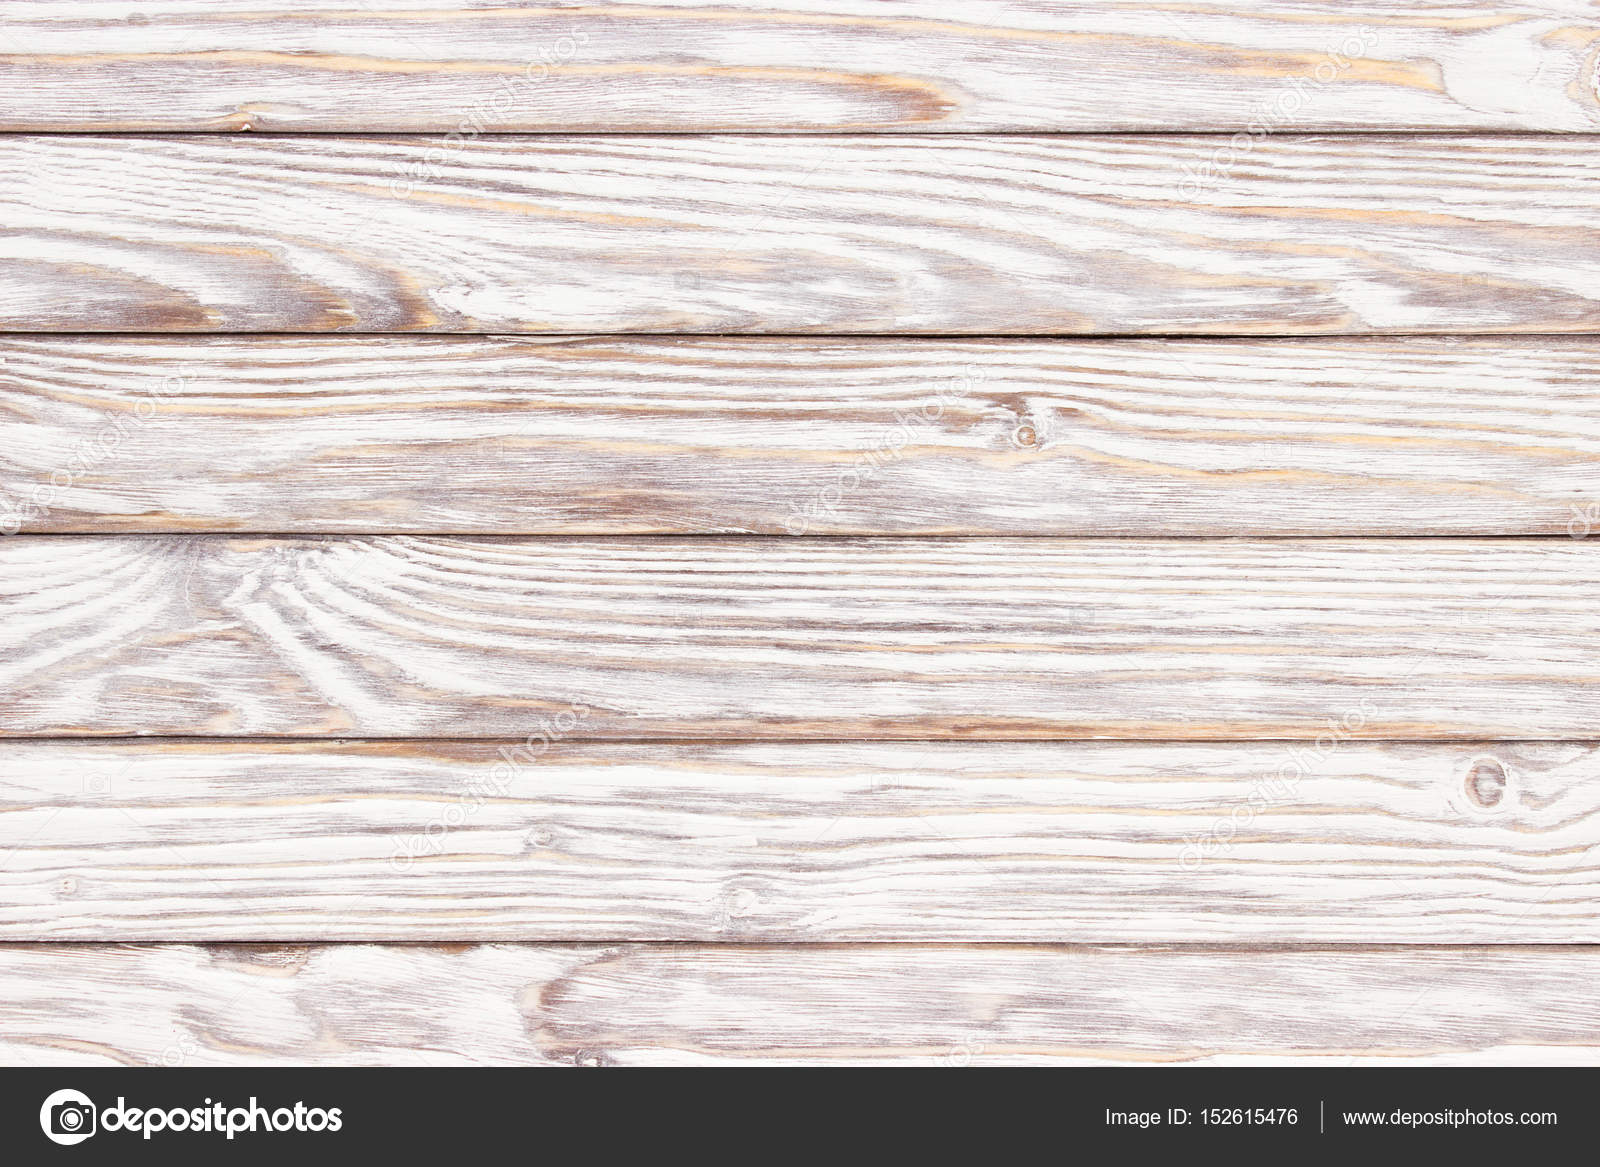 fond et texture de planche de bois de pin blanc photographie dmitr1ch 152615476. Black Bedroom Furniture Sets. Home Design Ideas